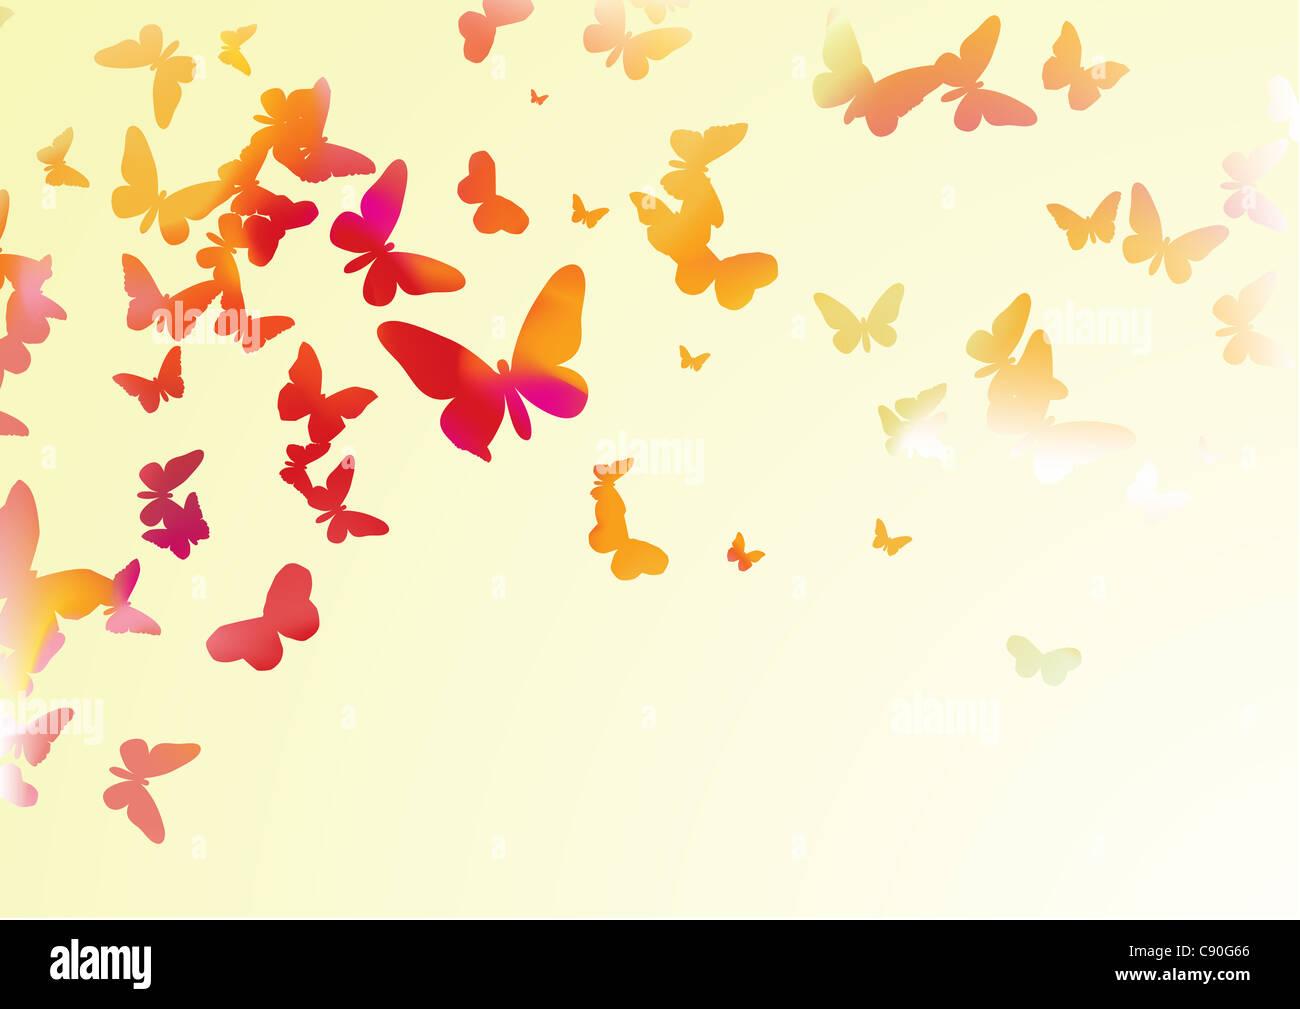 Außenillustration viele bunte Schmetterlinge verschiedener Formen herumfliegen Stockbild